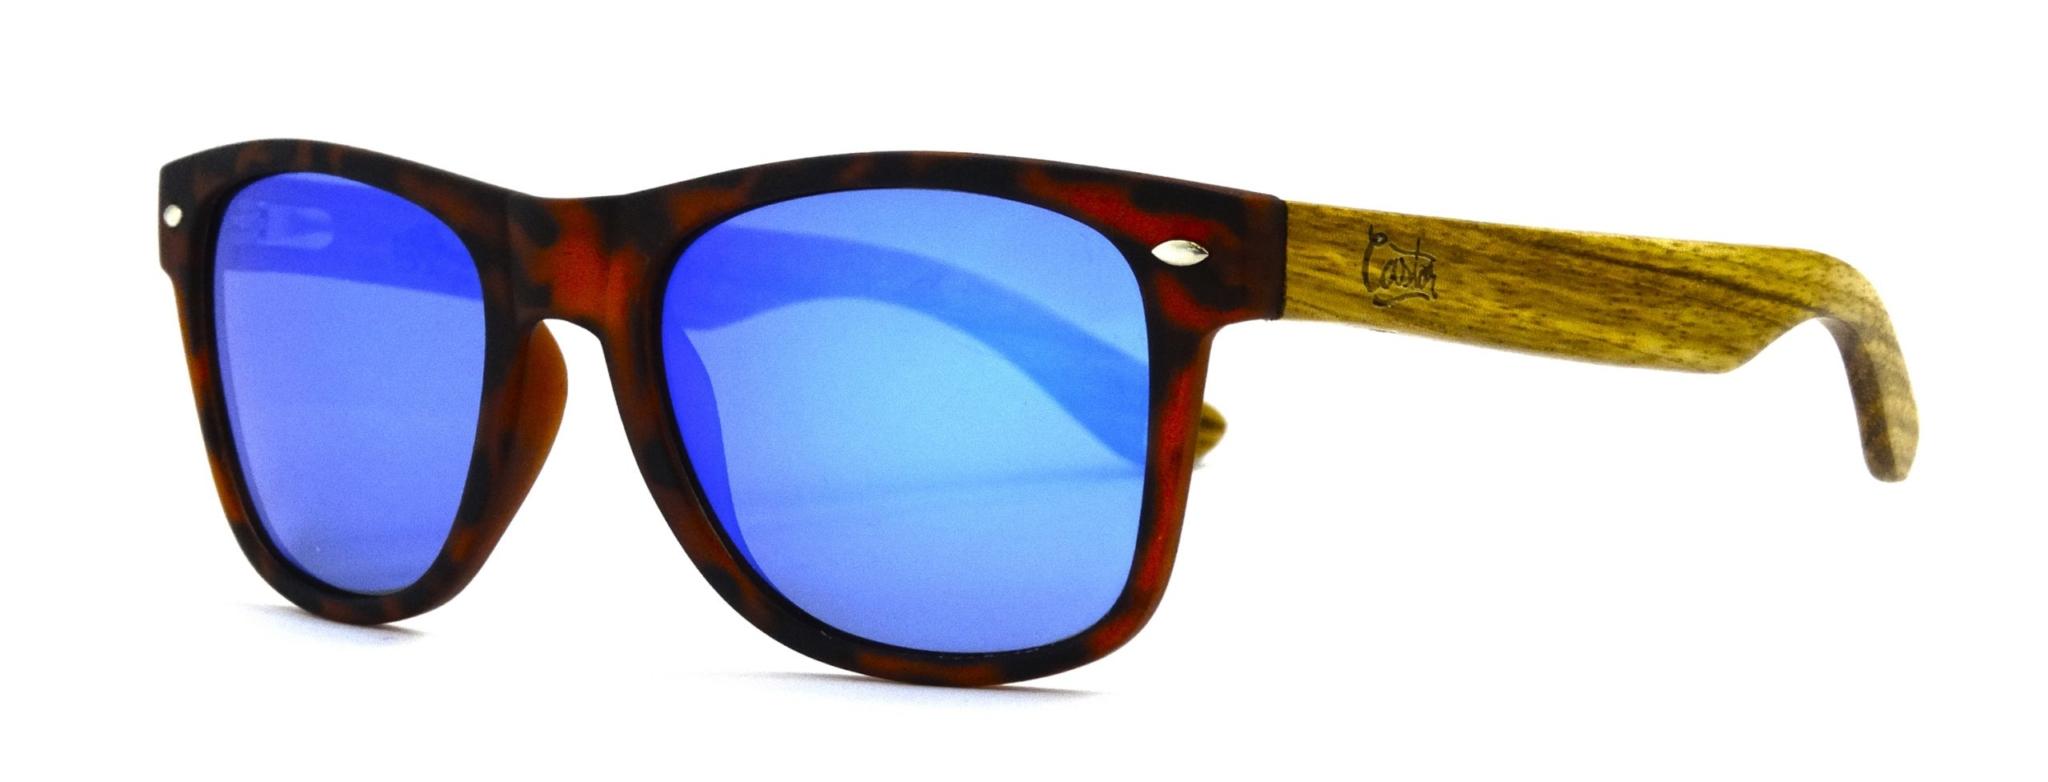 b07d2131-28b-gafas-de-sol